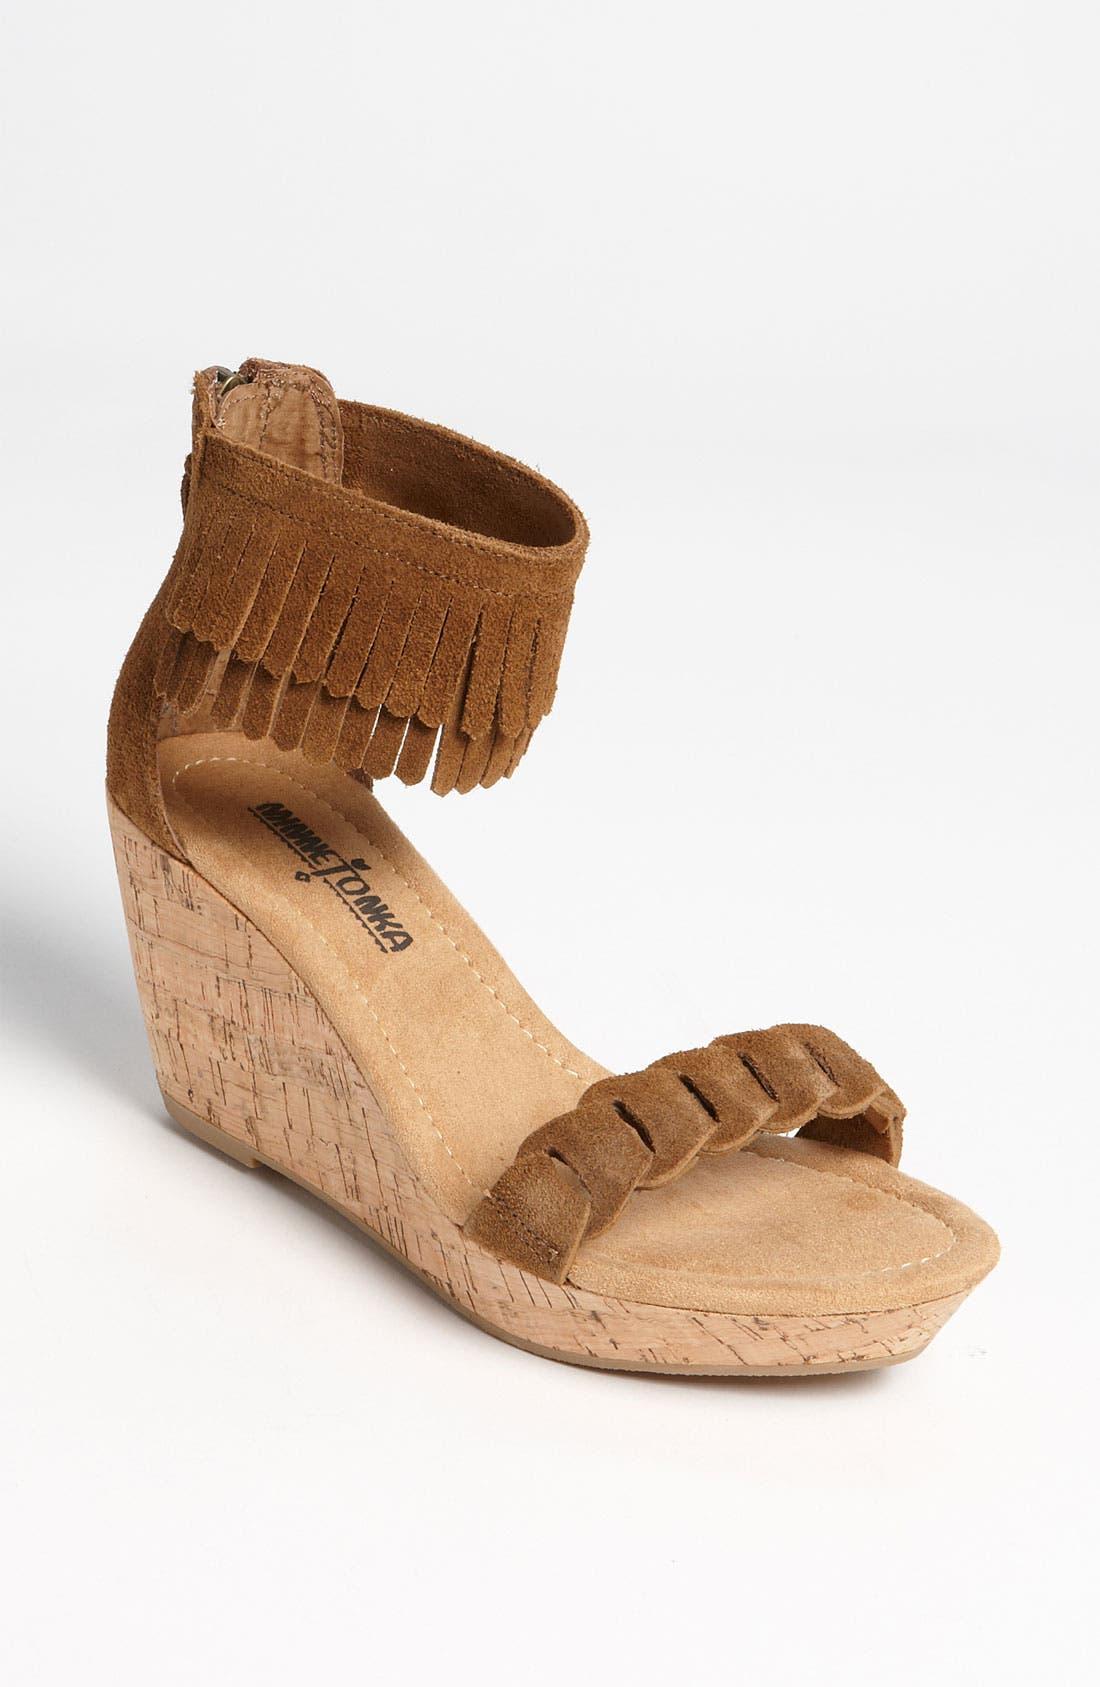 Alternate Image 1 Selected - Minnetonka 'Nicki' Sandal